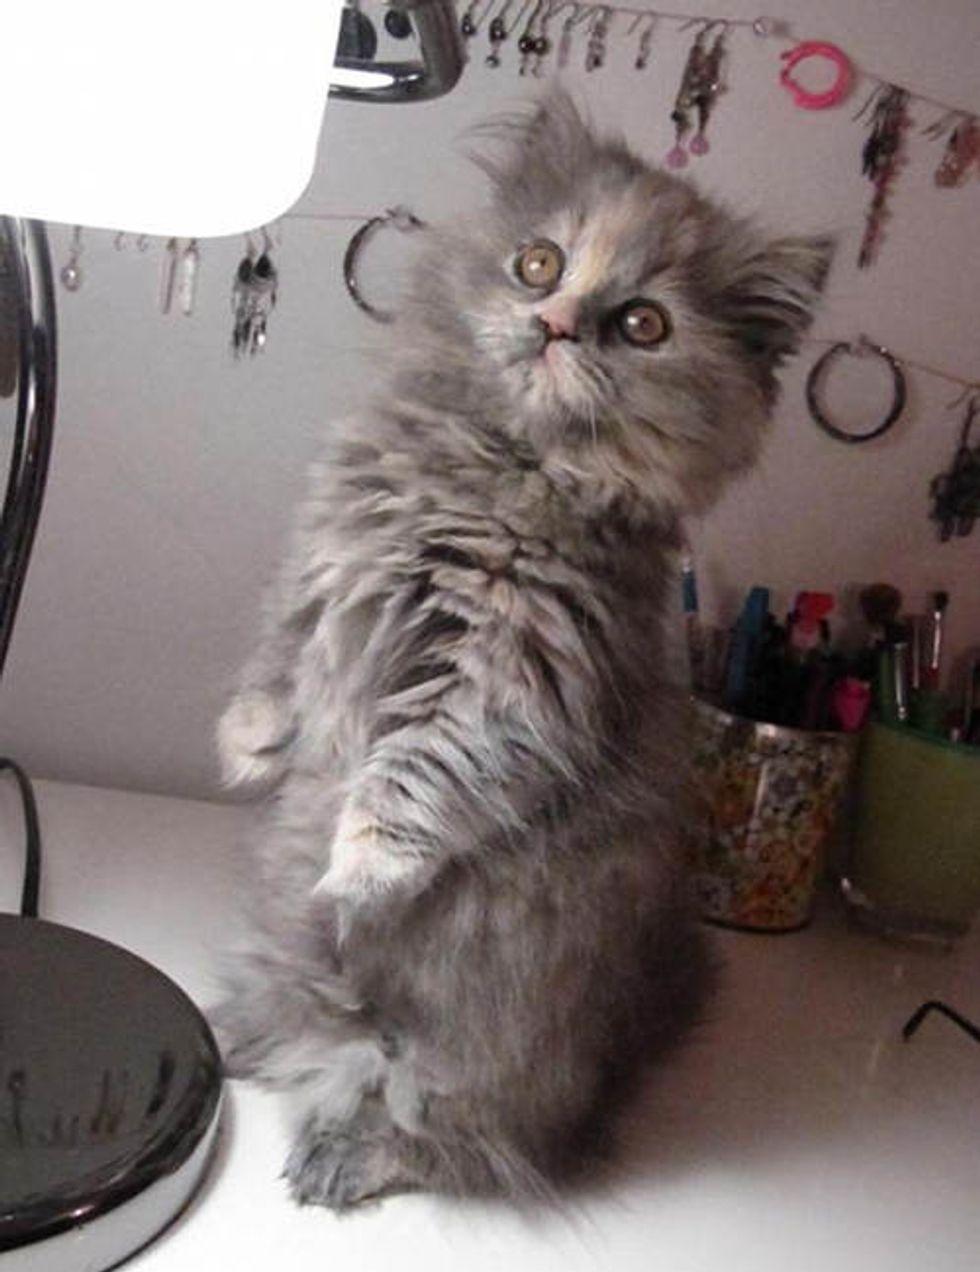 Izzy the Fluffy Feline Supervisor